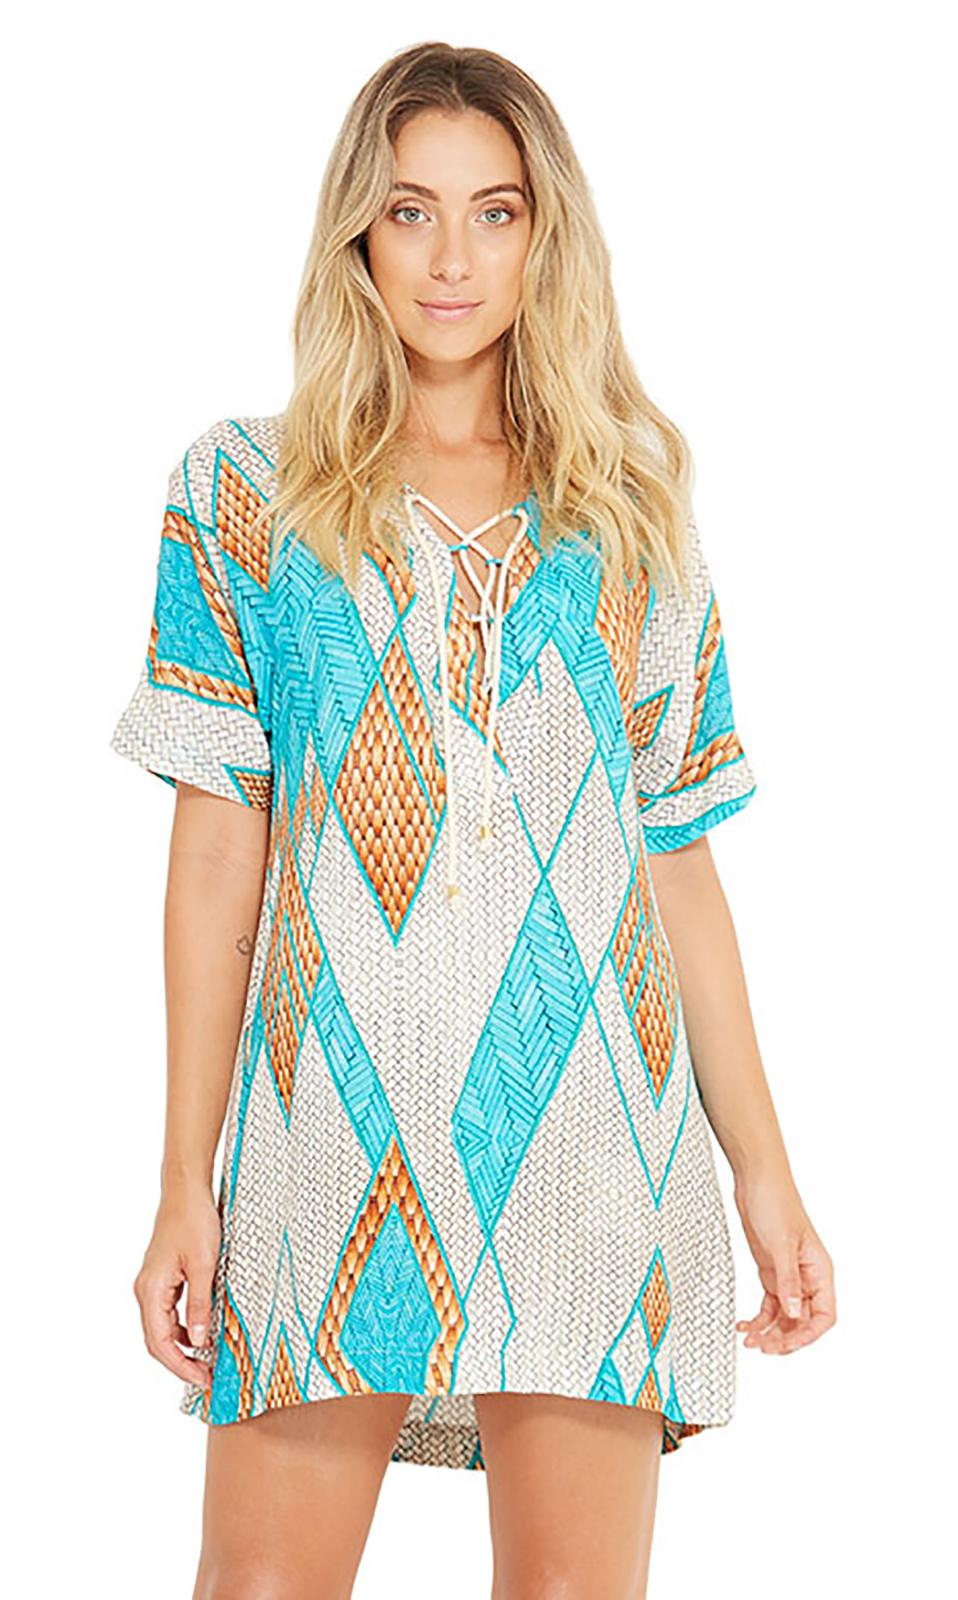 63cddc87a3 Geometric Print Beach Mini Dress With Sleeves - Agata Barlavento - Blueman